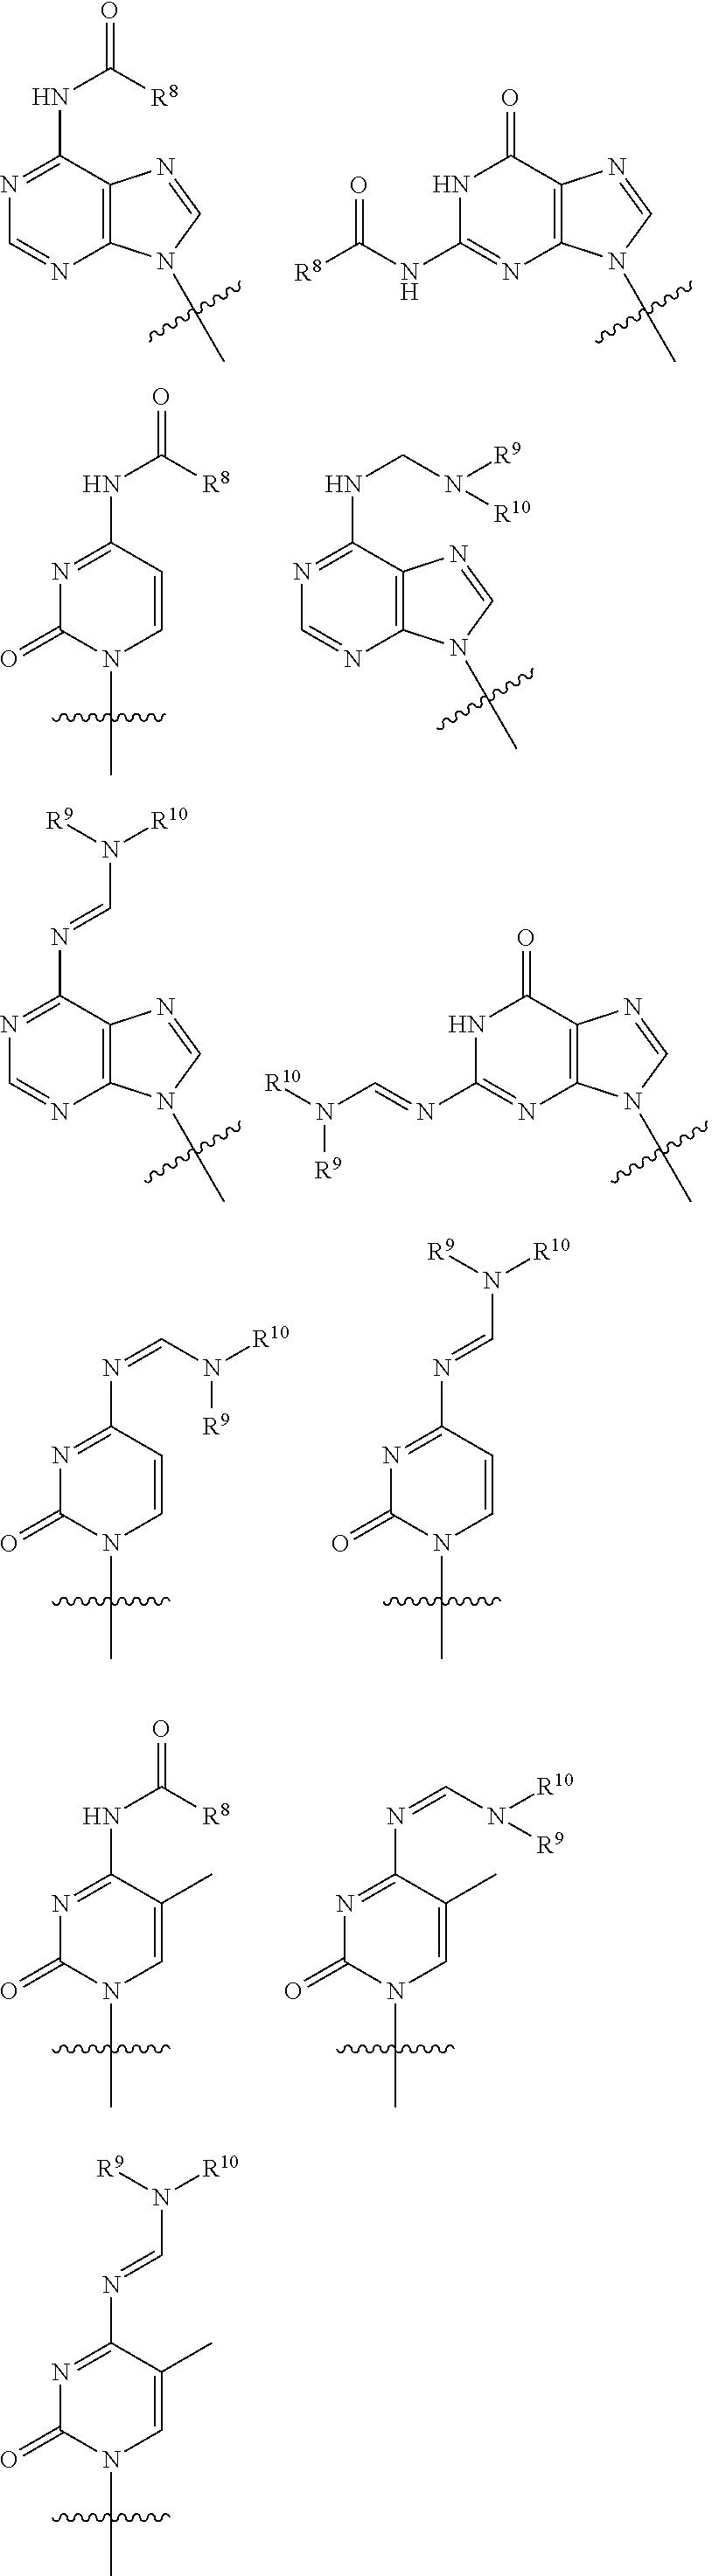 Figure US09982257-20180529-C00186